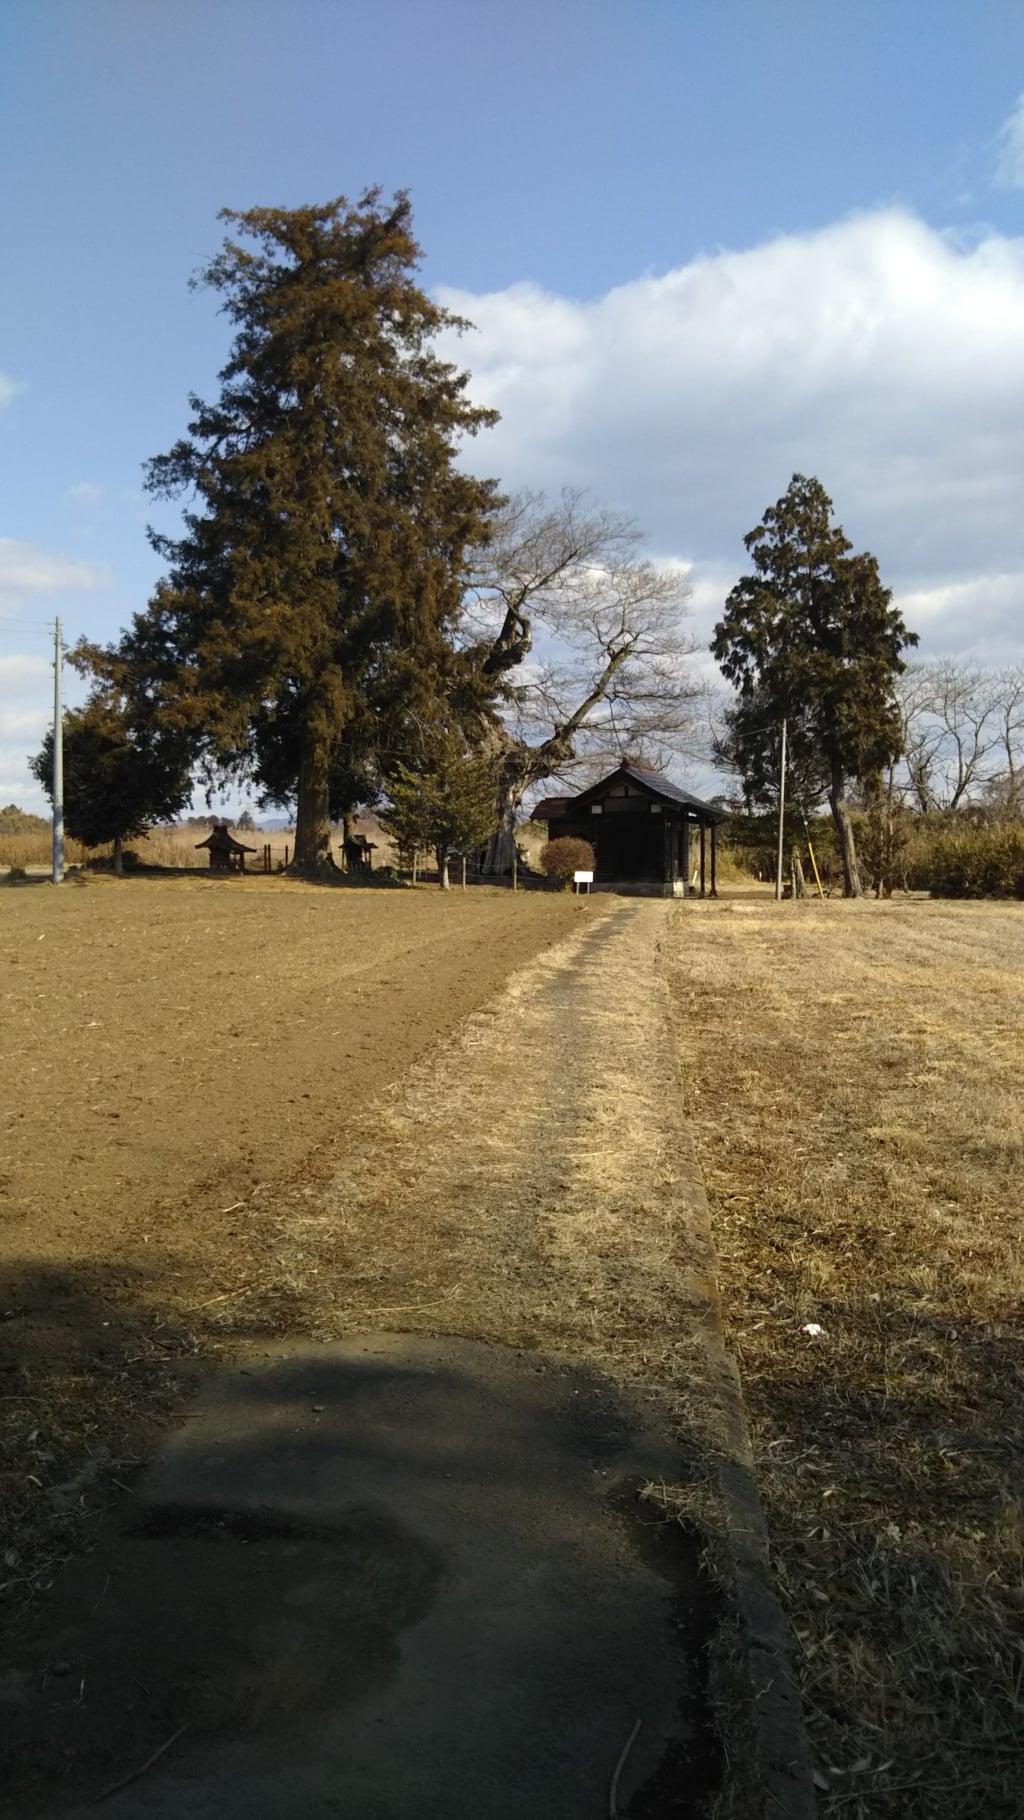 桂木稲荷神社の建物その他